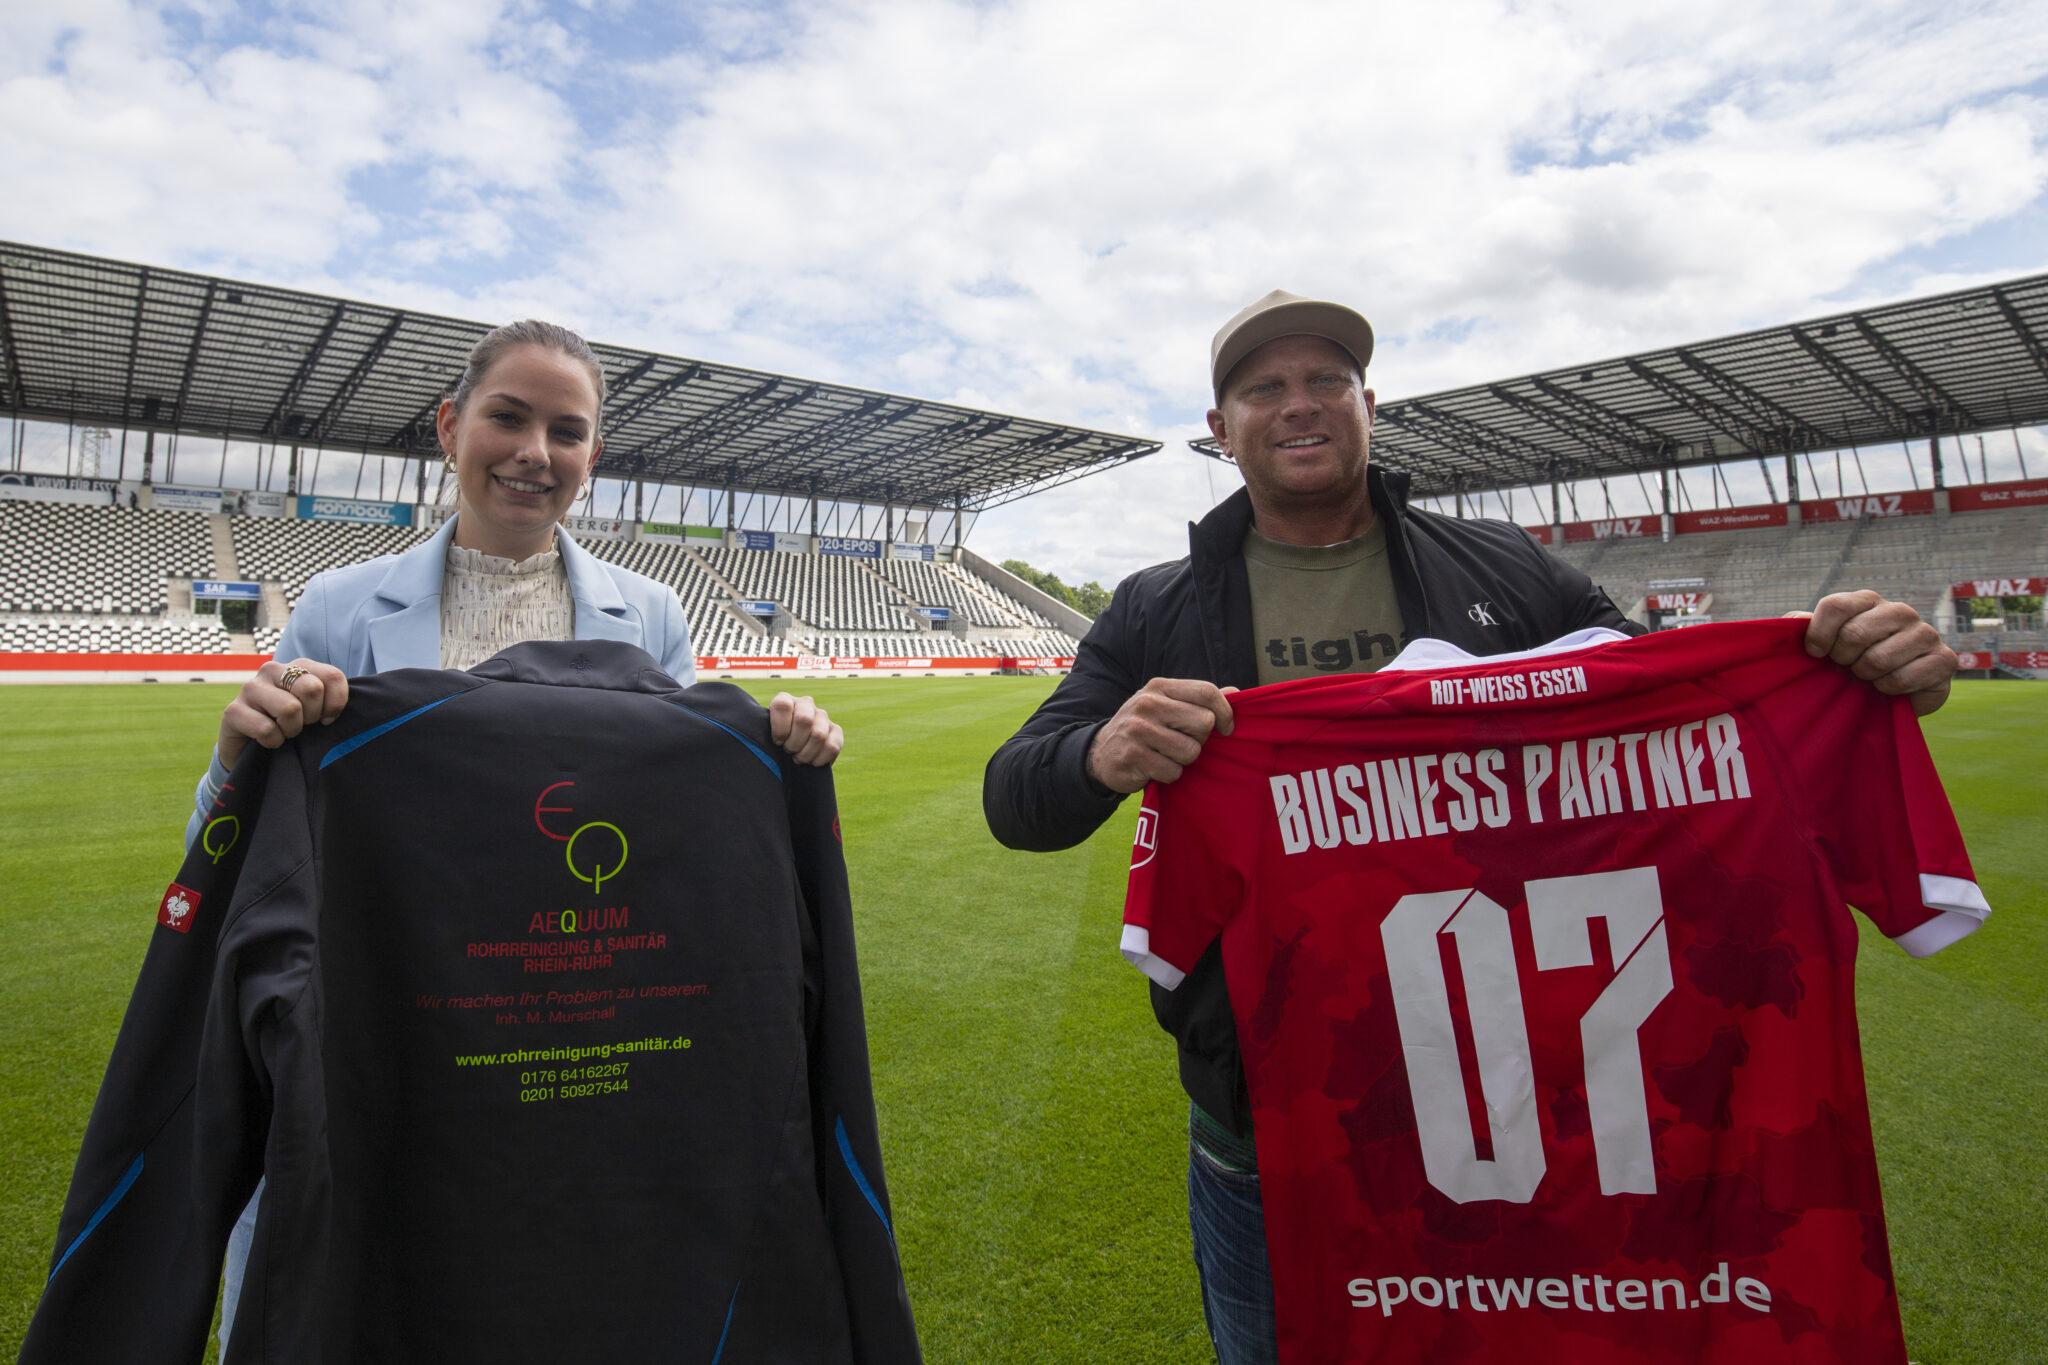 AEQUUM Rohrreinigung RheinRuhr wird Business Partner – Rot-Weiss Essen